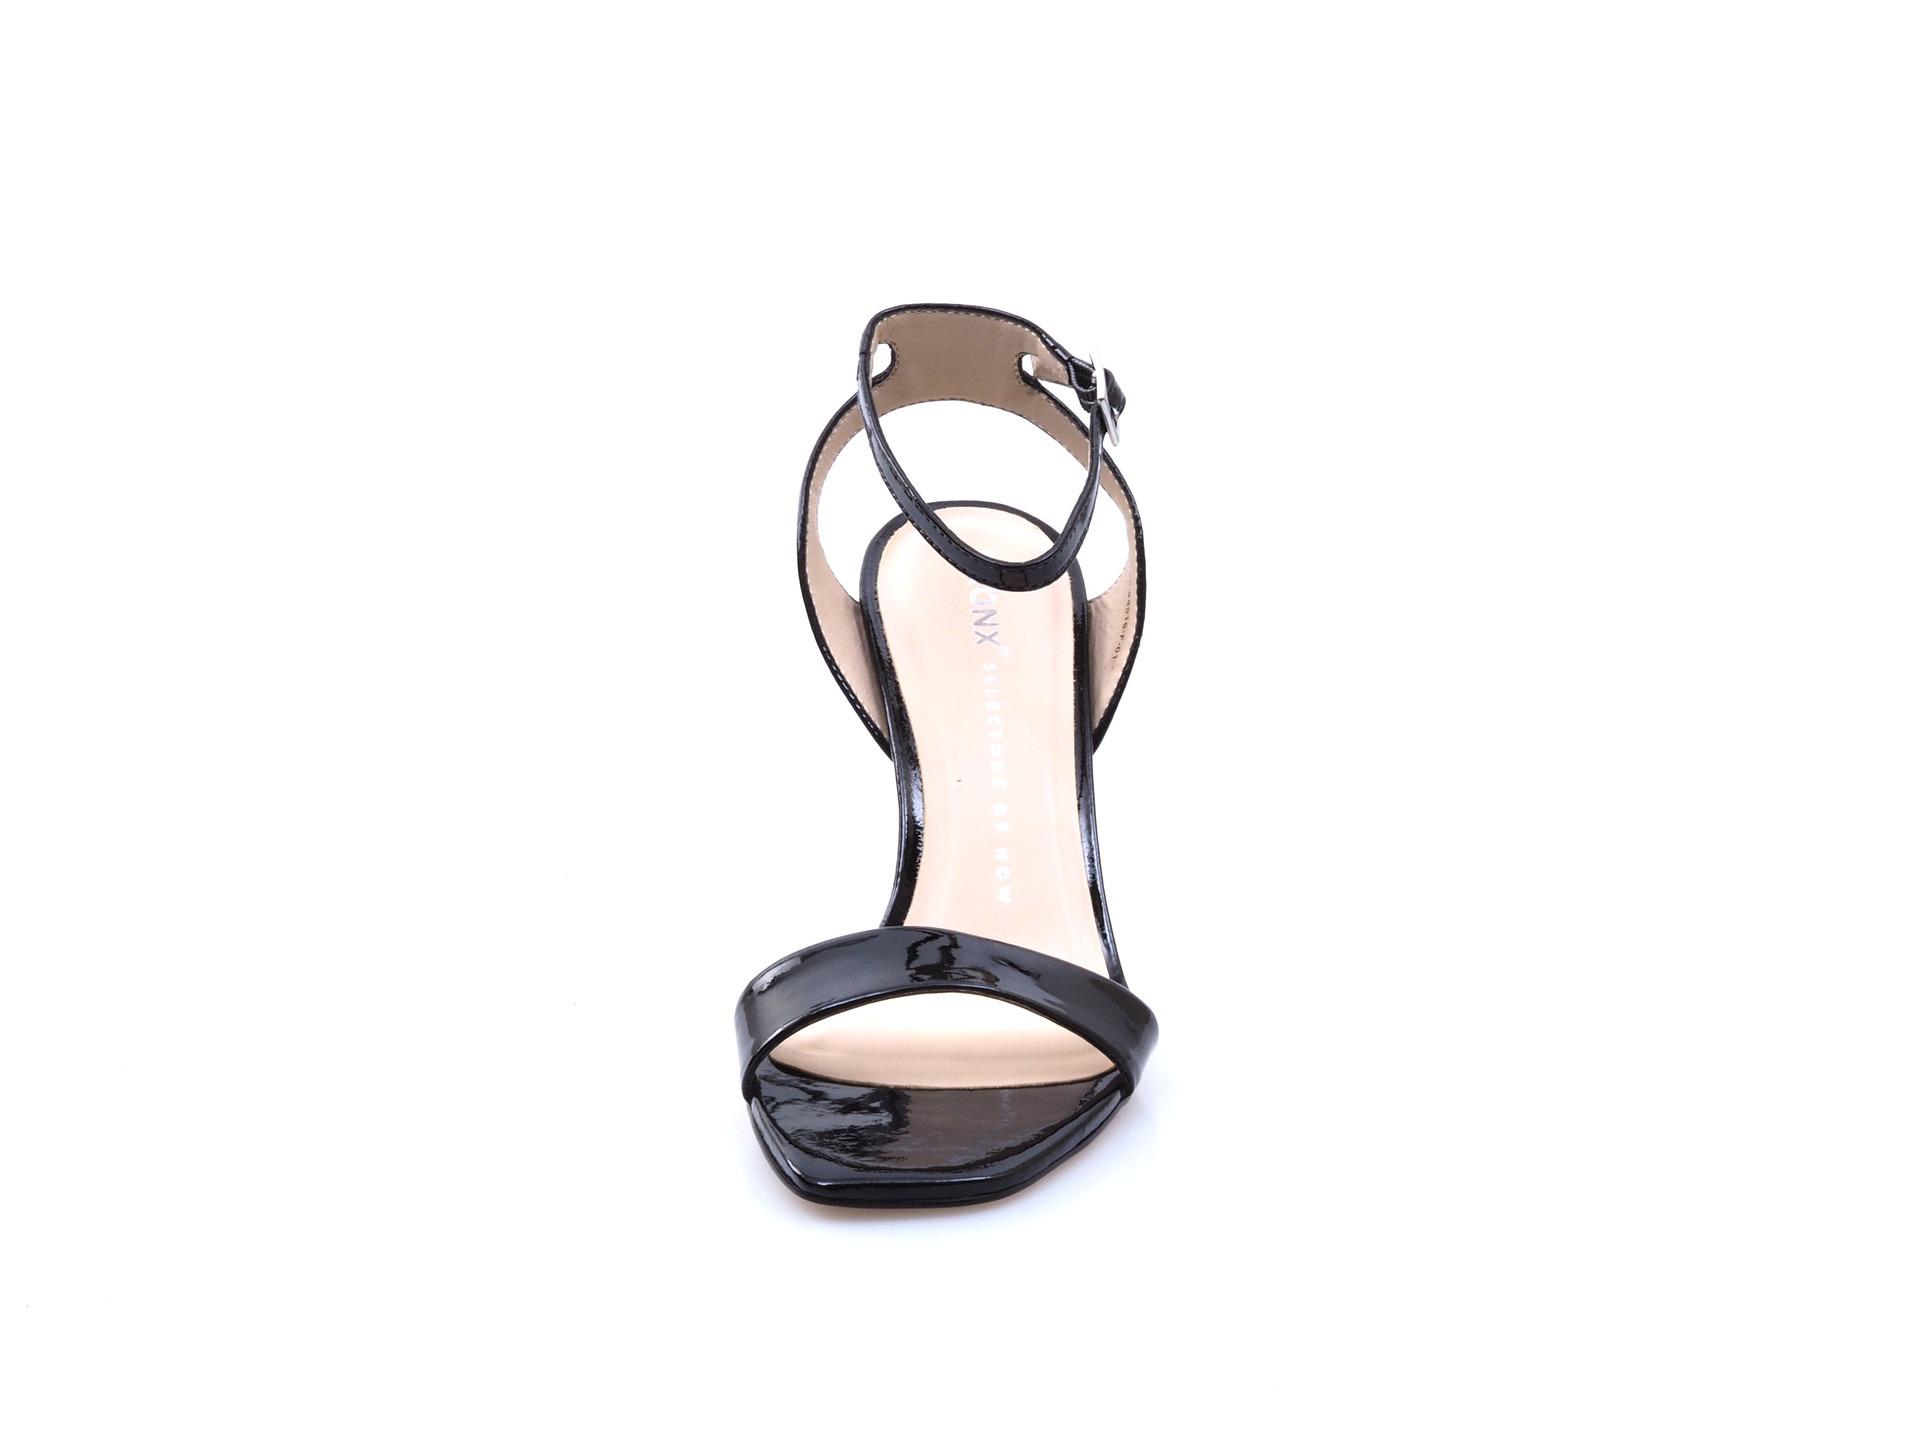 f5cdbd3ba639 Soňa - Dámska obuv - Spoločenská obuv - Bronx dámska spoločenská ...